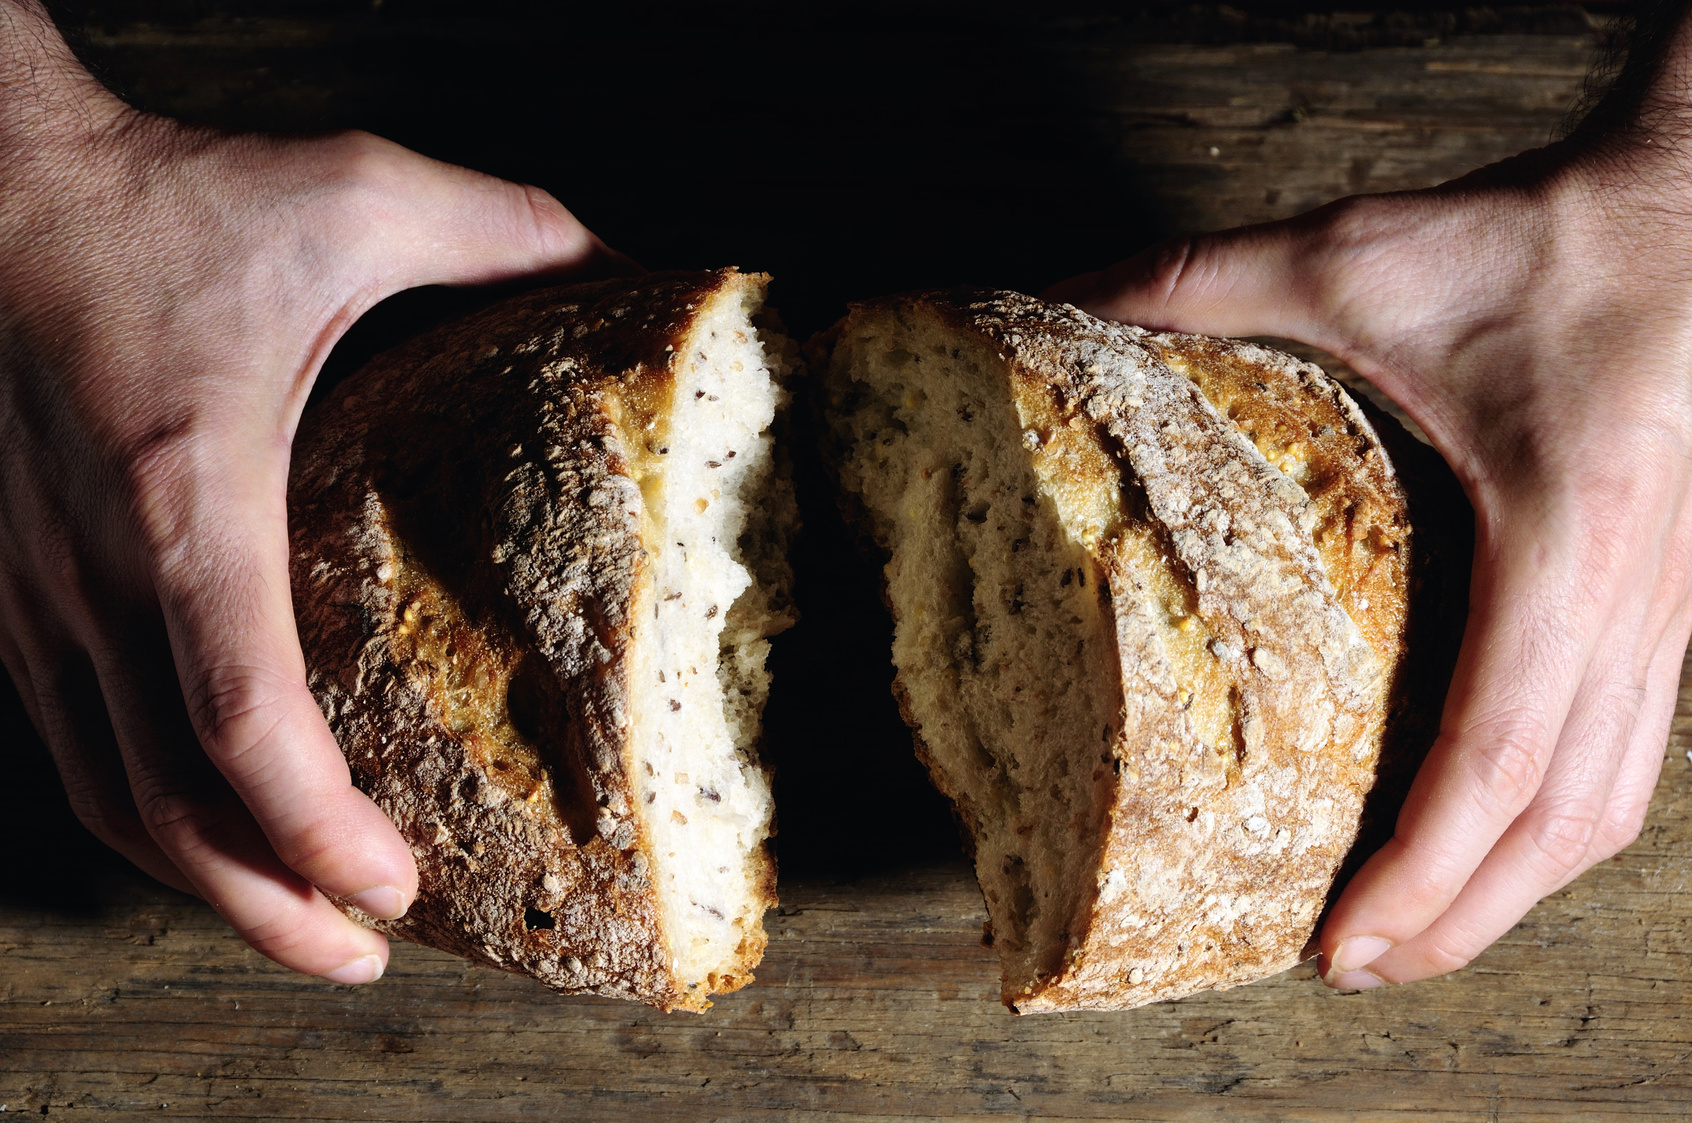 breaking a loaf of bread